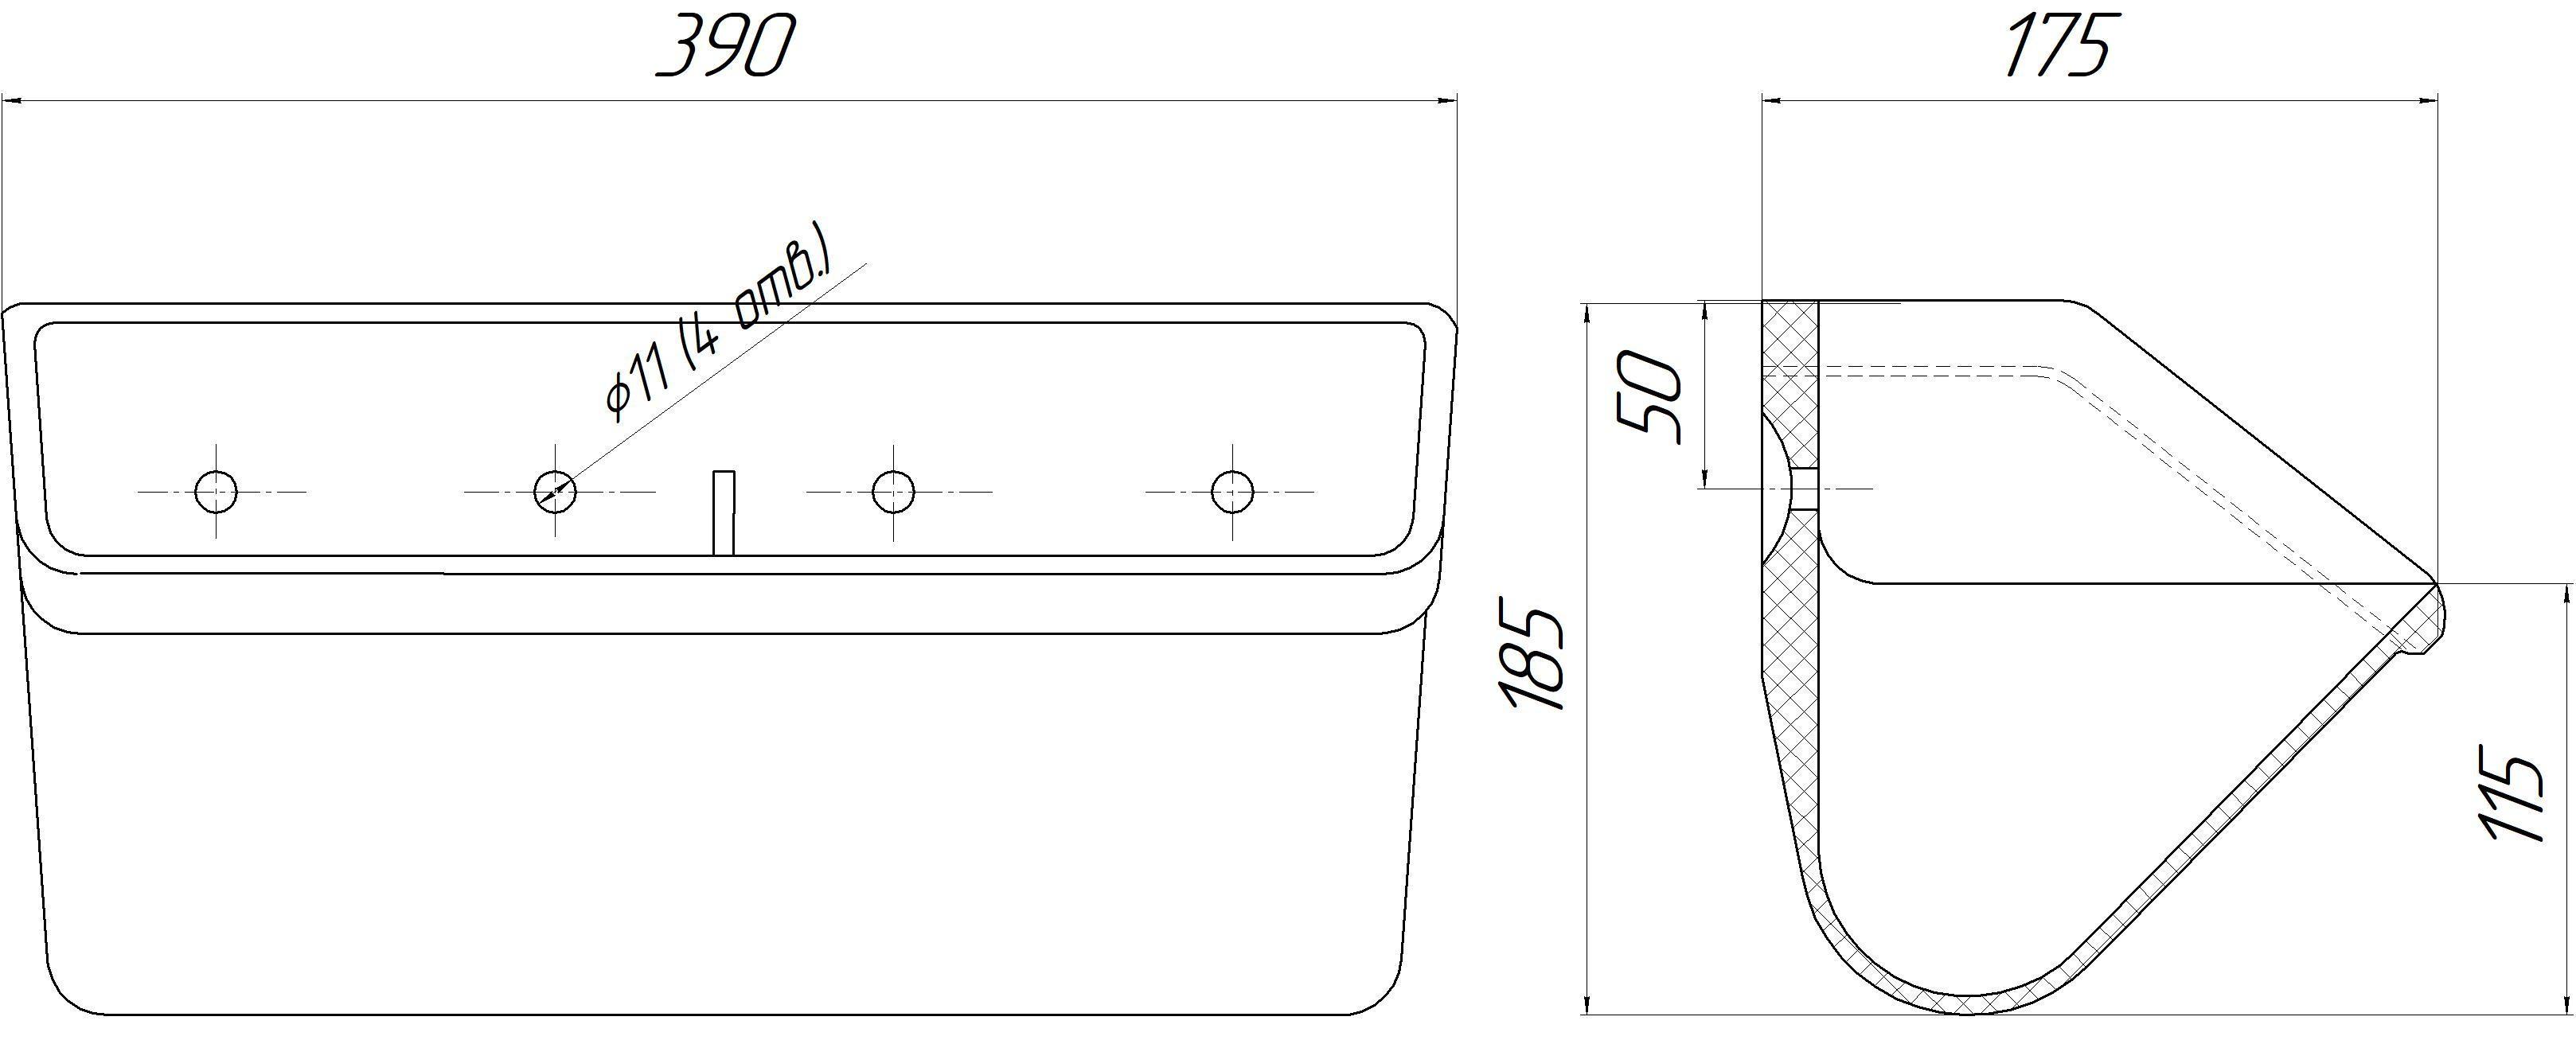 Ковш норийный полимерный МАСТУ 175У (КН.175.002У) усиленный чертеж